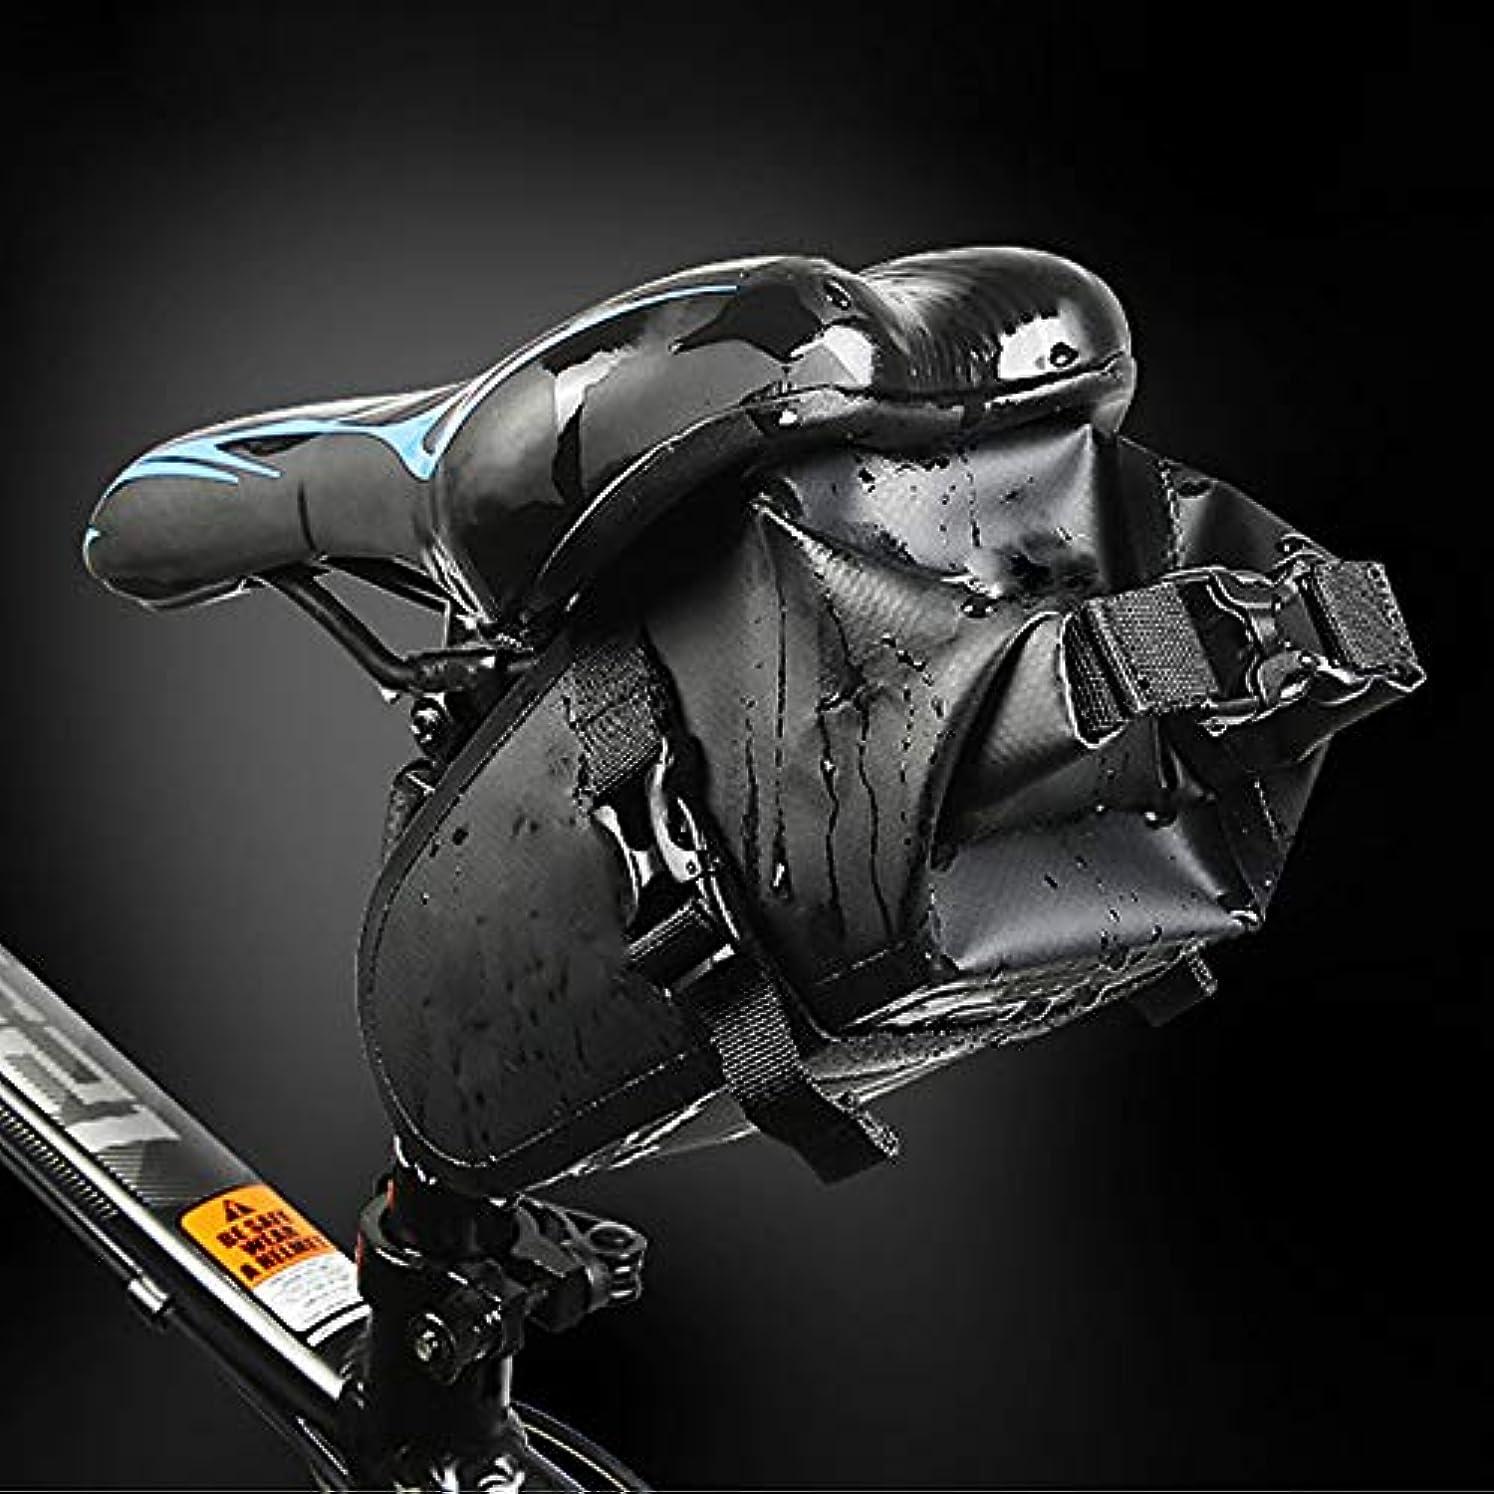 発送スポーツをする眠っているIcooler 自転車サドルバッグ防水マウンテンバイクシートバッグ(エクストラメッシュバッグ付き)高防水素材耐久性のあるサドルバッグ